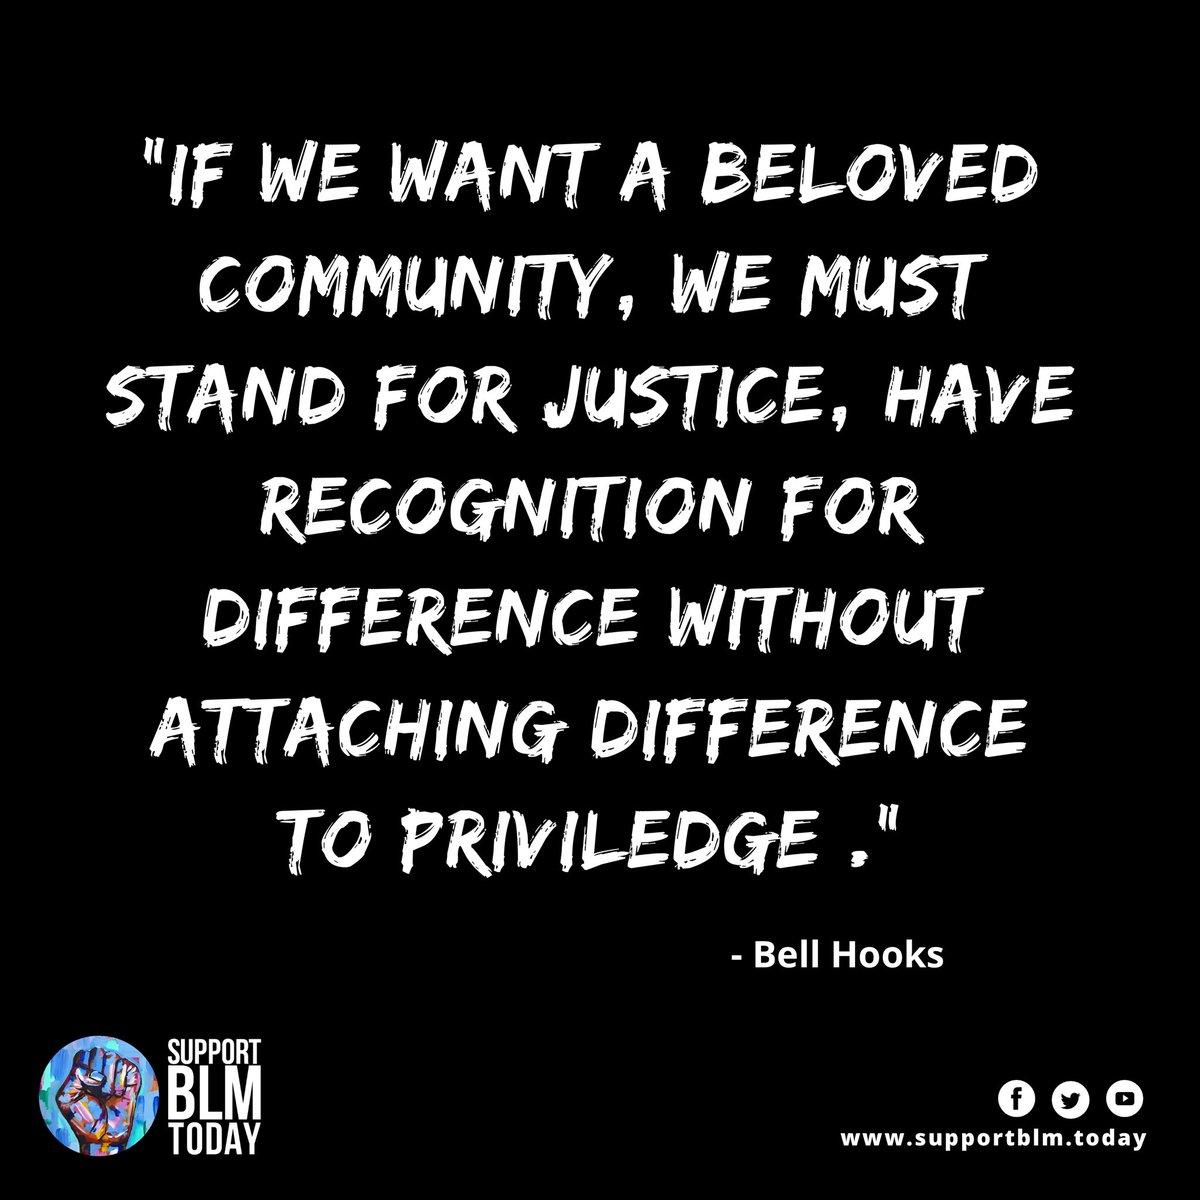 Stand for Justice    #blacklivesmatter #blmquotes #blm #blm2021 #equality #racism #solidarity #blacklives #mlk #blmmovement #nojusticenopeace #blacklivesmatterplaza #blmprotest #blmfist